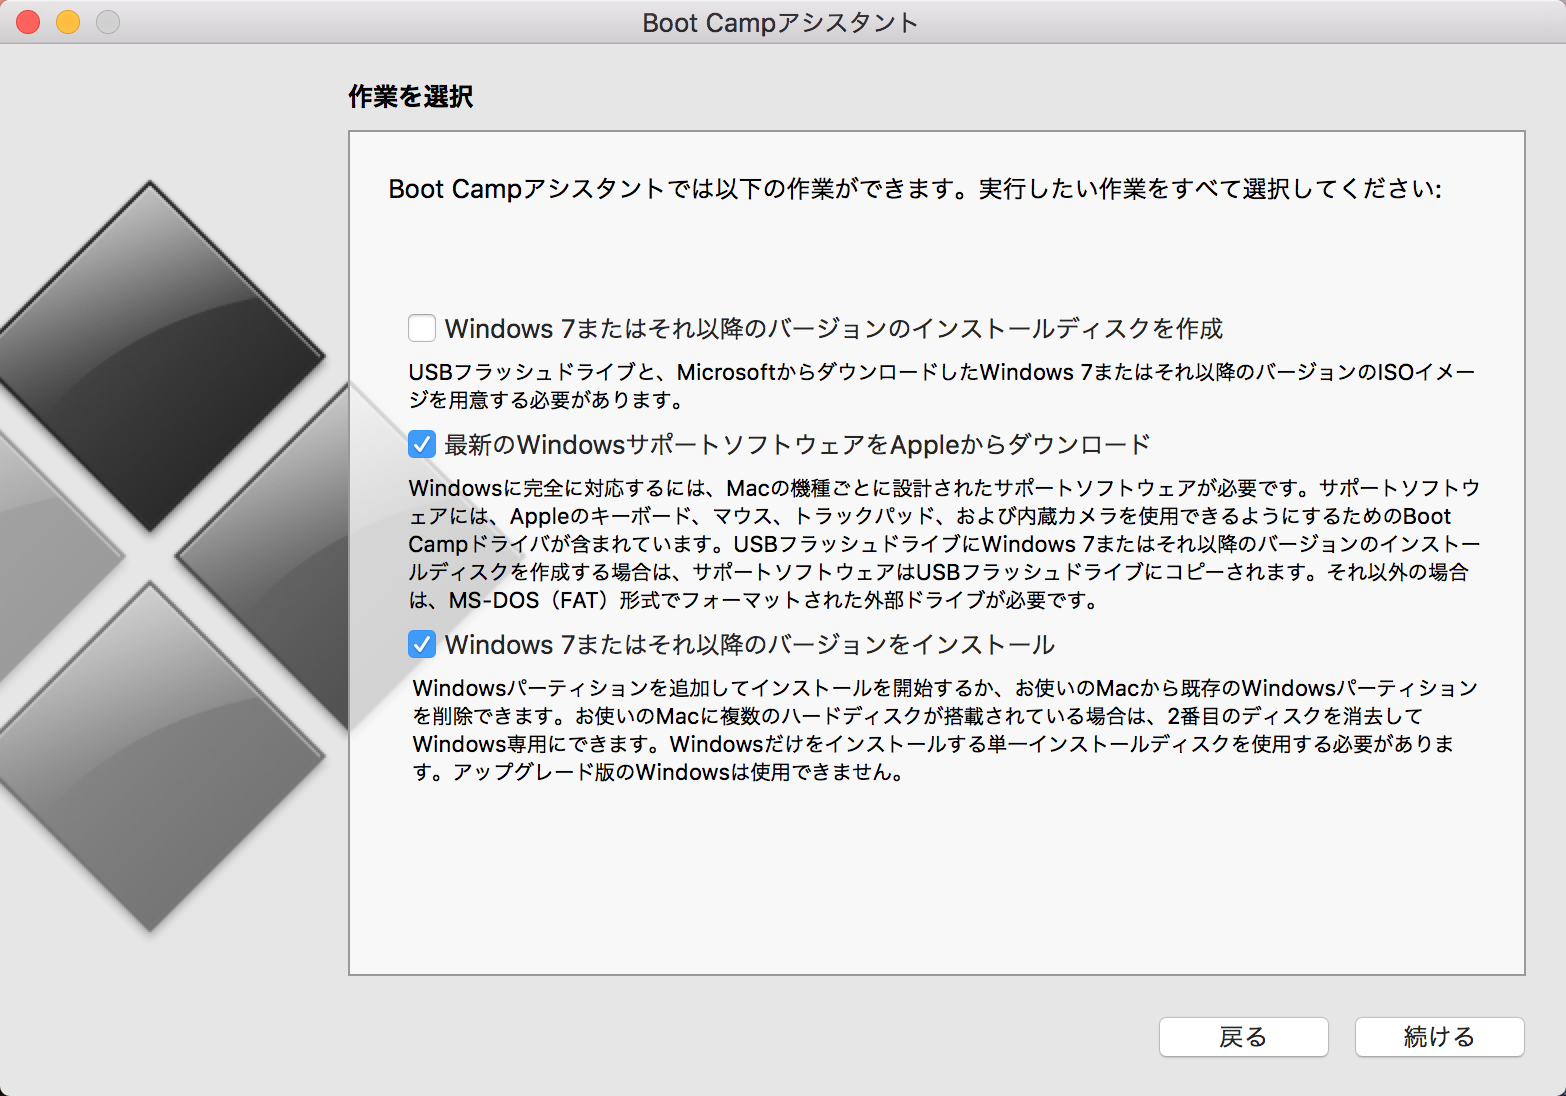 Windowsサポートソフトウェアは何処に : MOYACHI